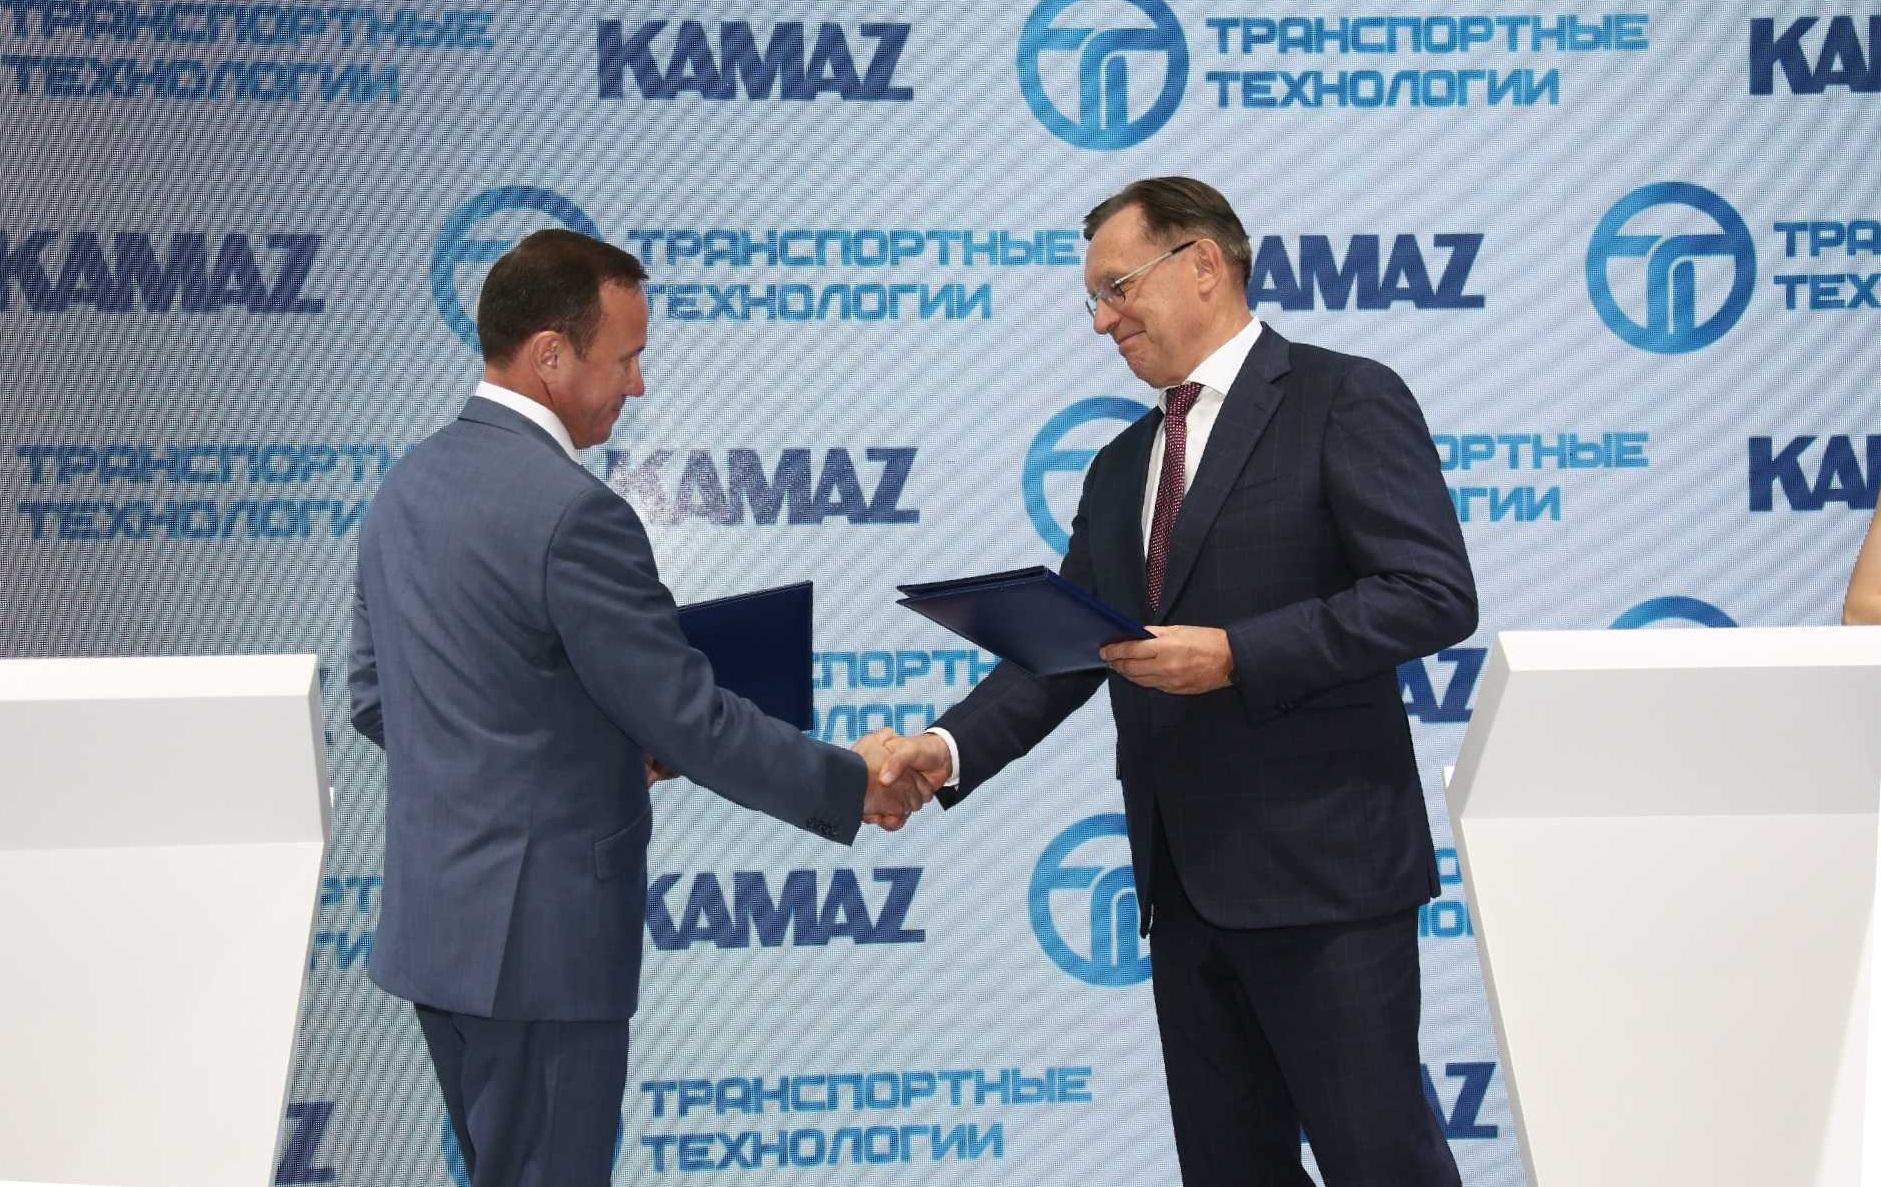 «КАМАЗ» и «Транспортные технологии» подписали соглашение о сотрудничестве